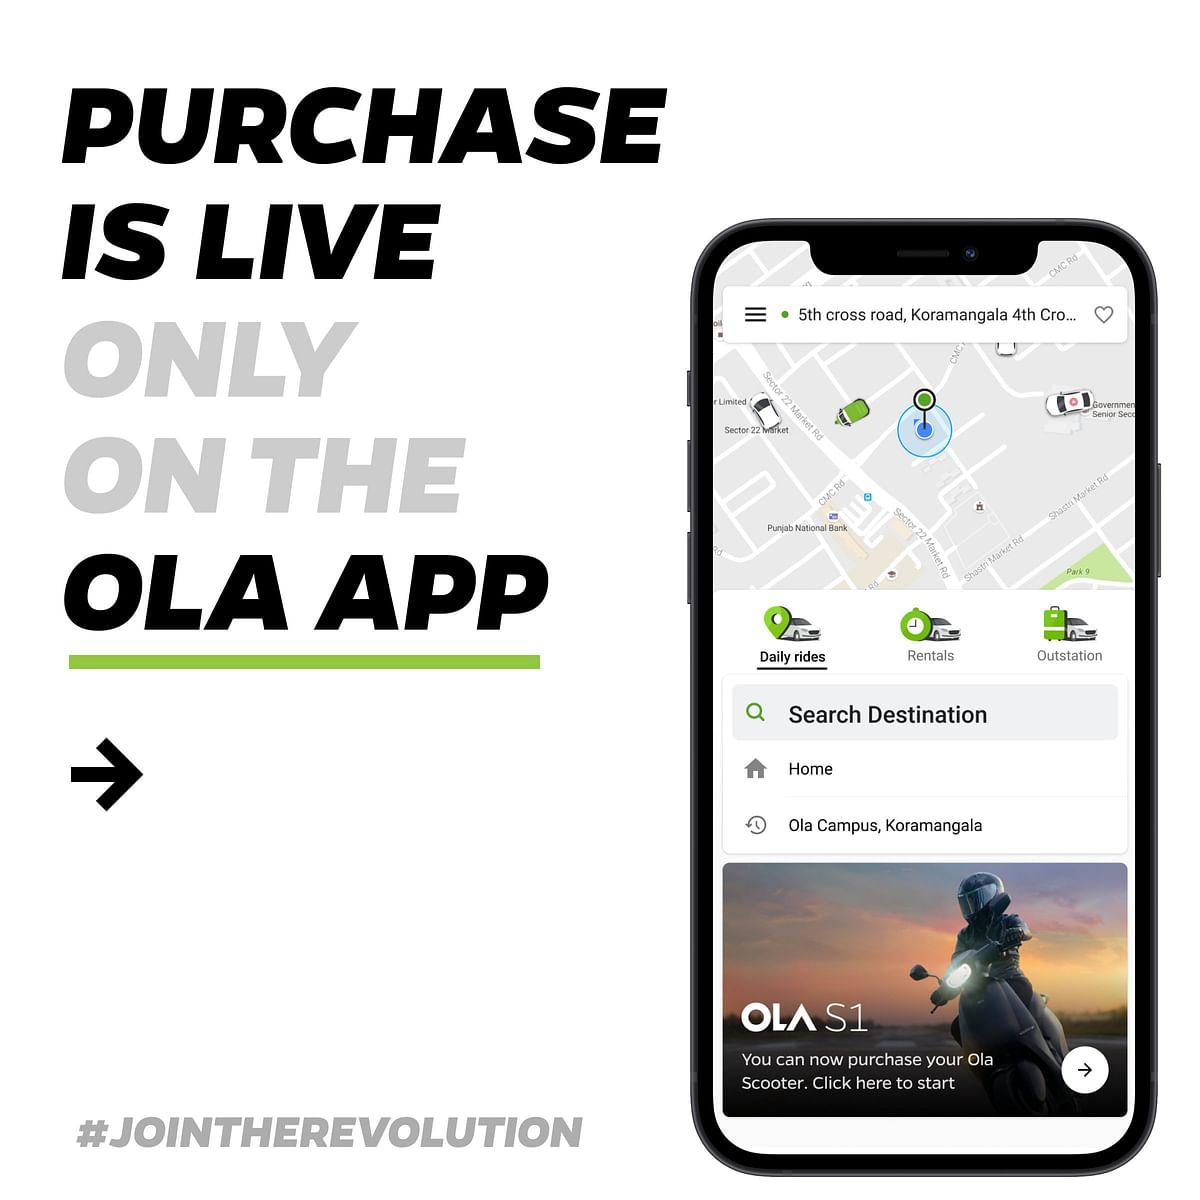 Ola Electric Scooter के लिए ऐसे करें बुक करें अपना Ola S1 या Ola S1 Pro, ...जानें पूरा प्रोसेस